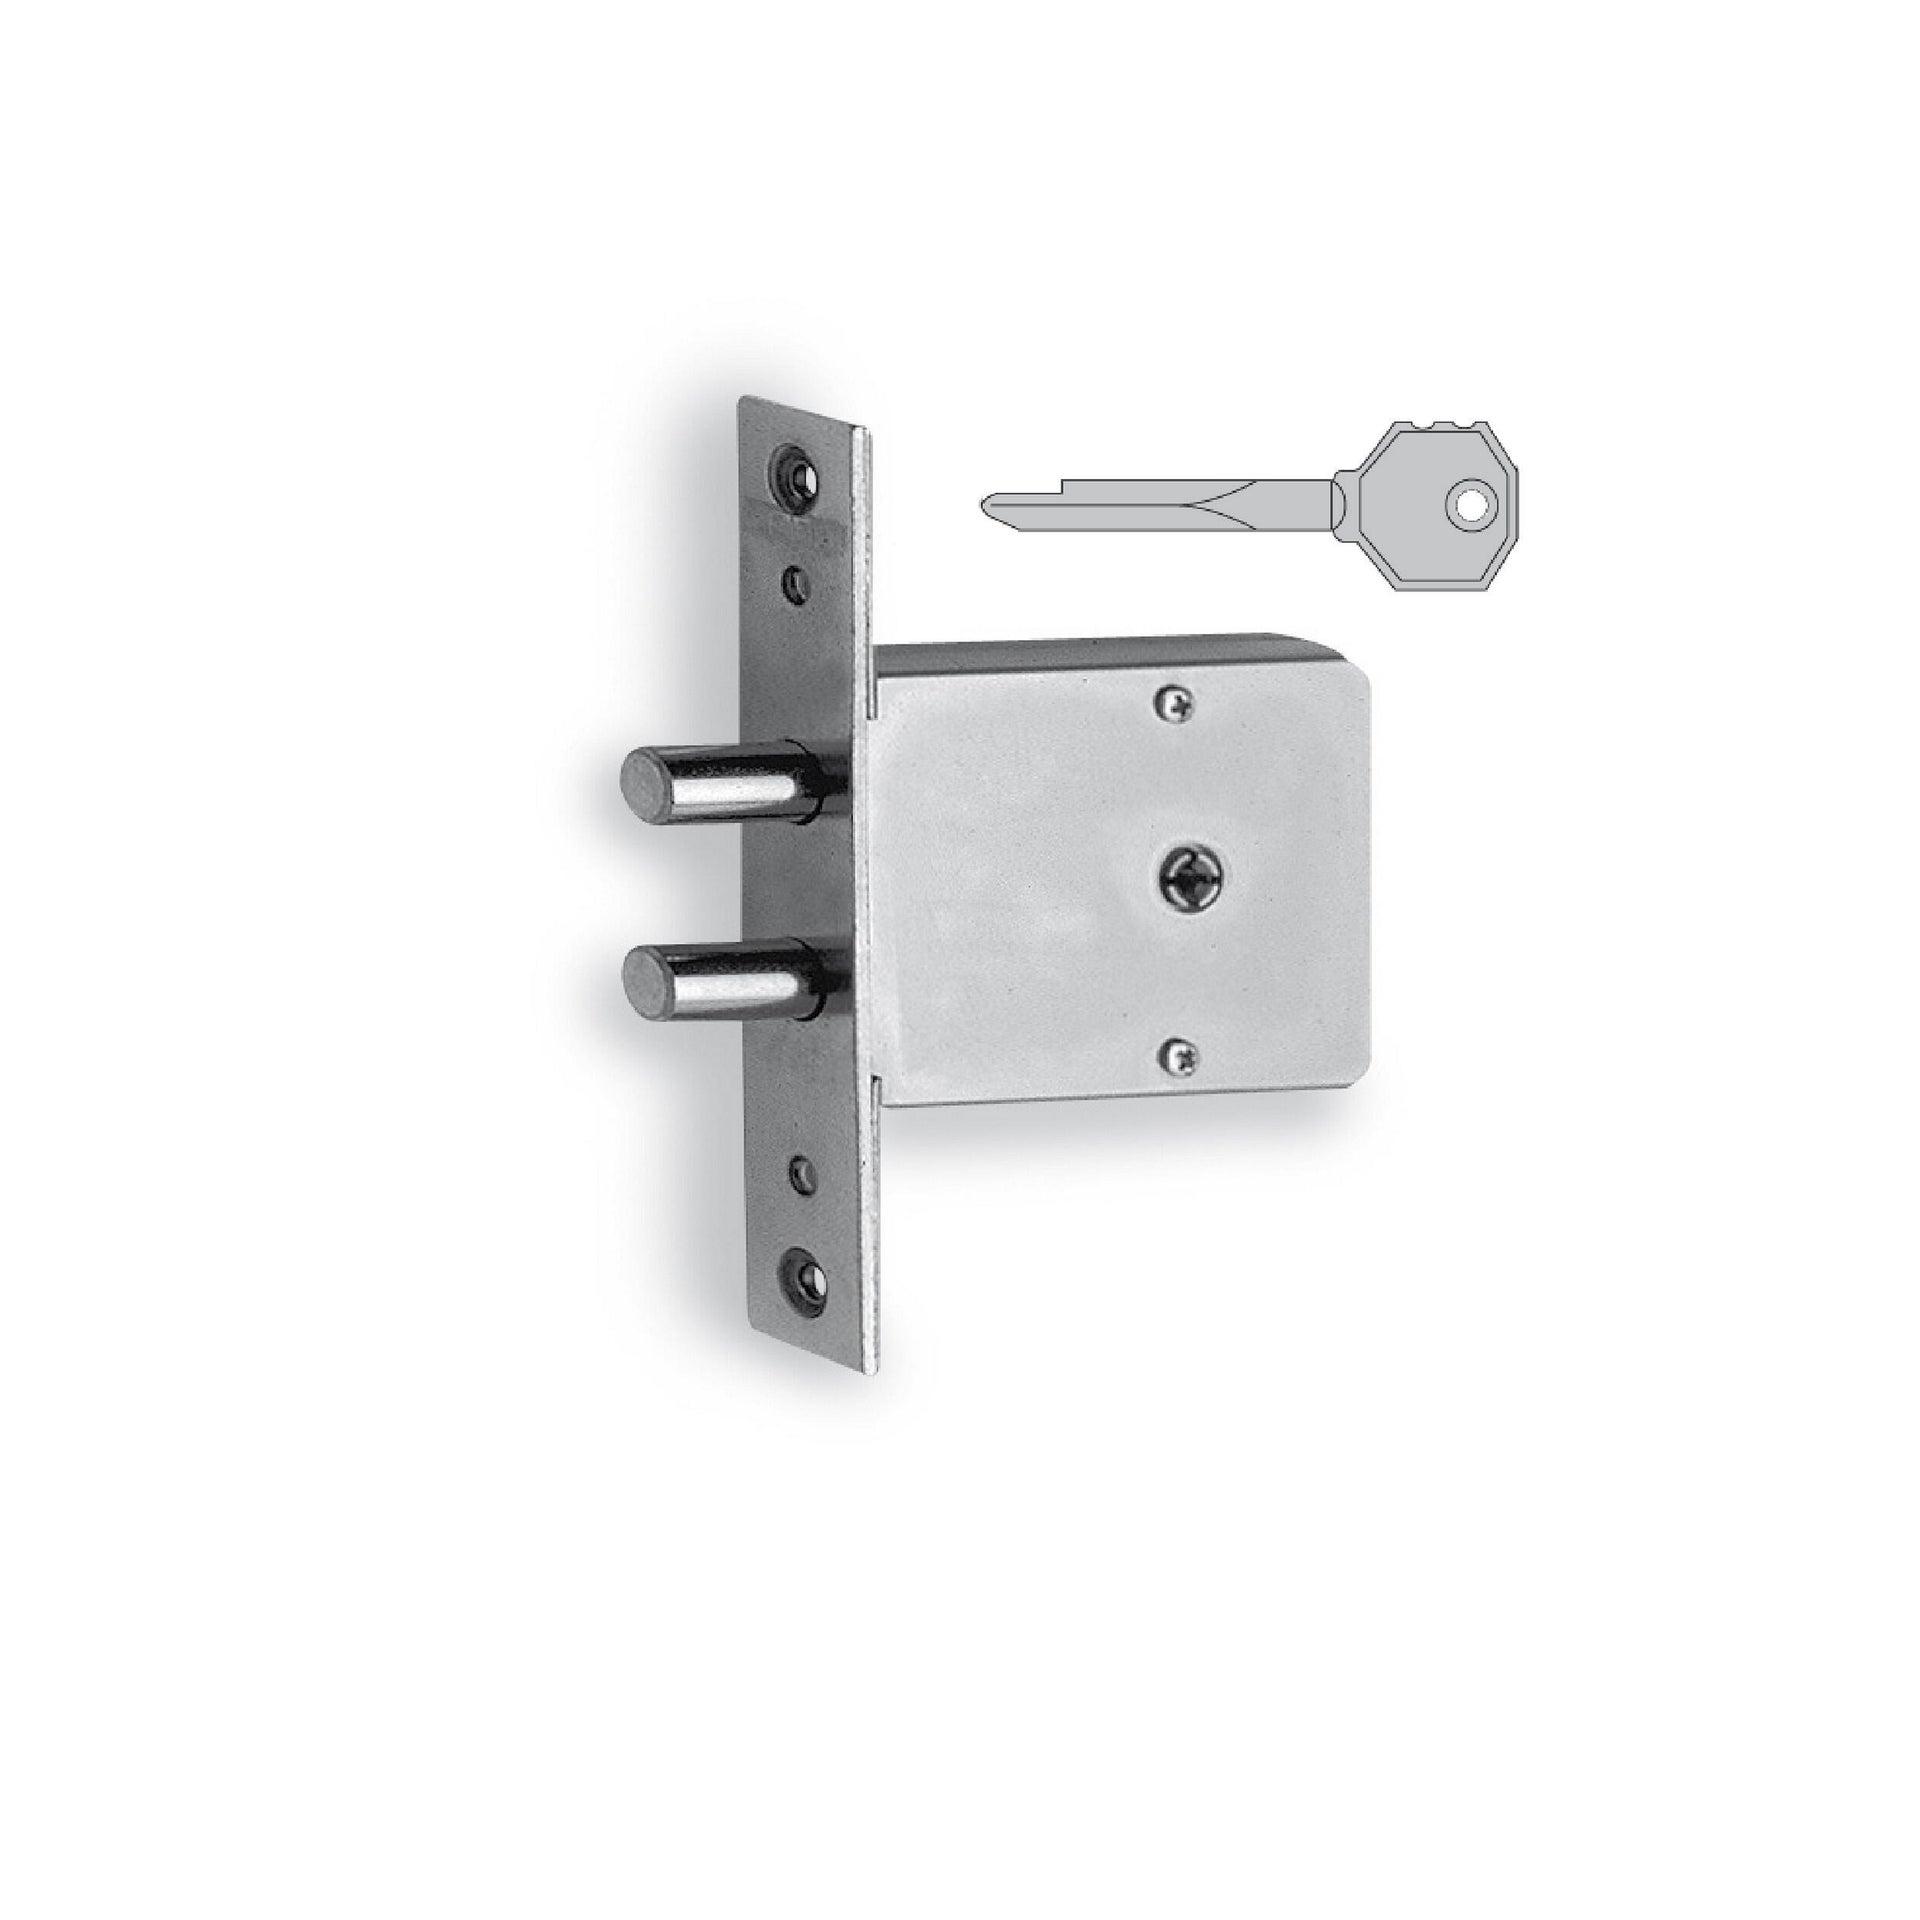 Serratura a incasso cilindro per cancello o rete, entrata 6 cm, interasse 0 mm